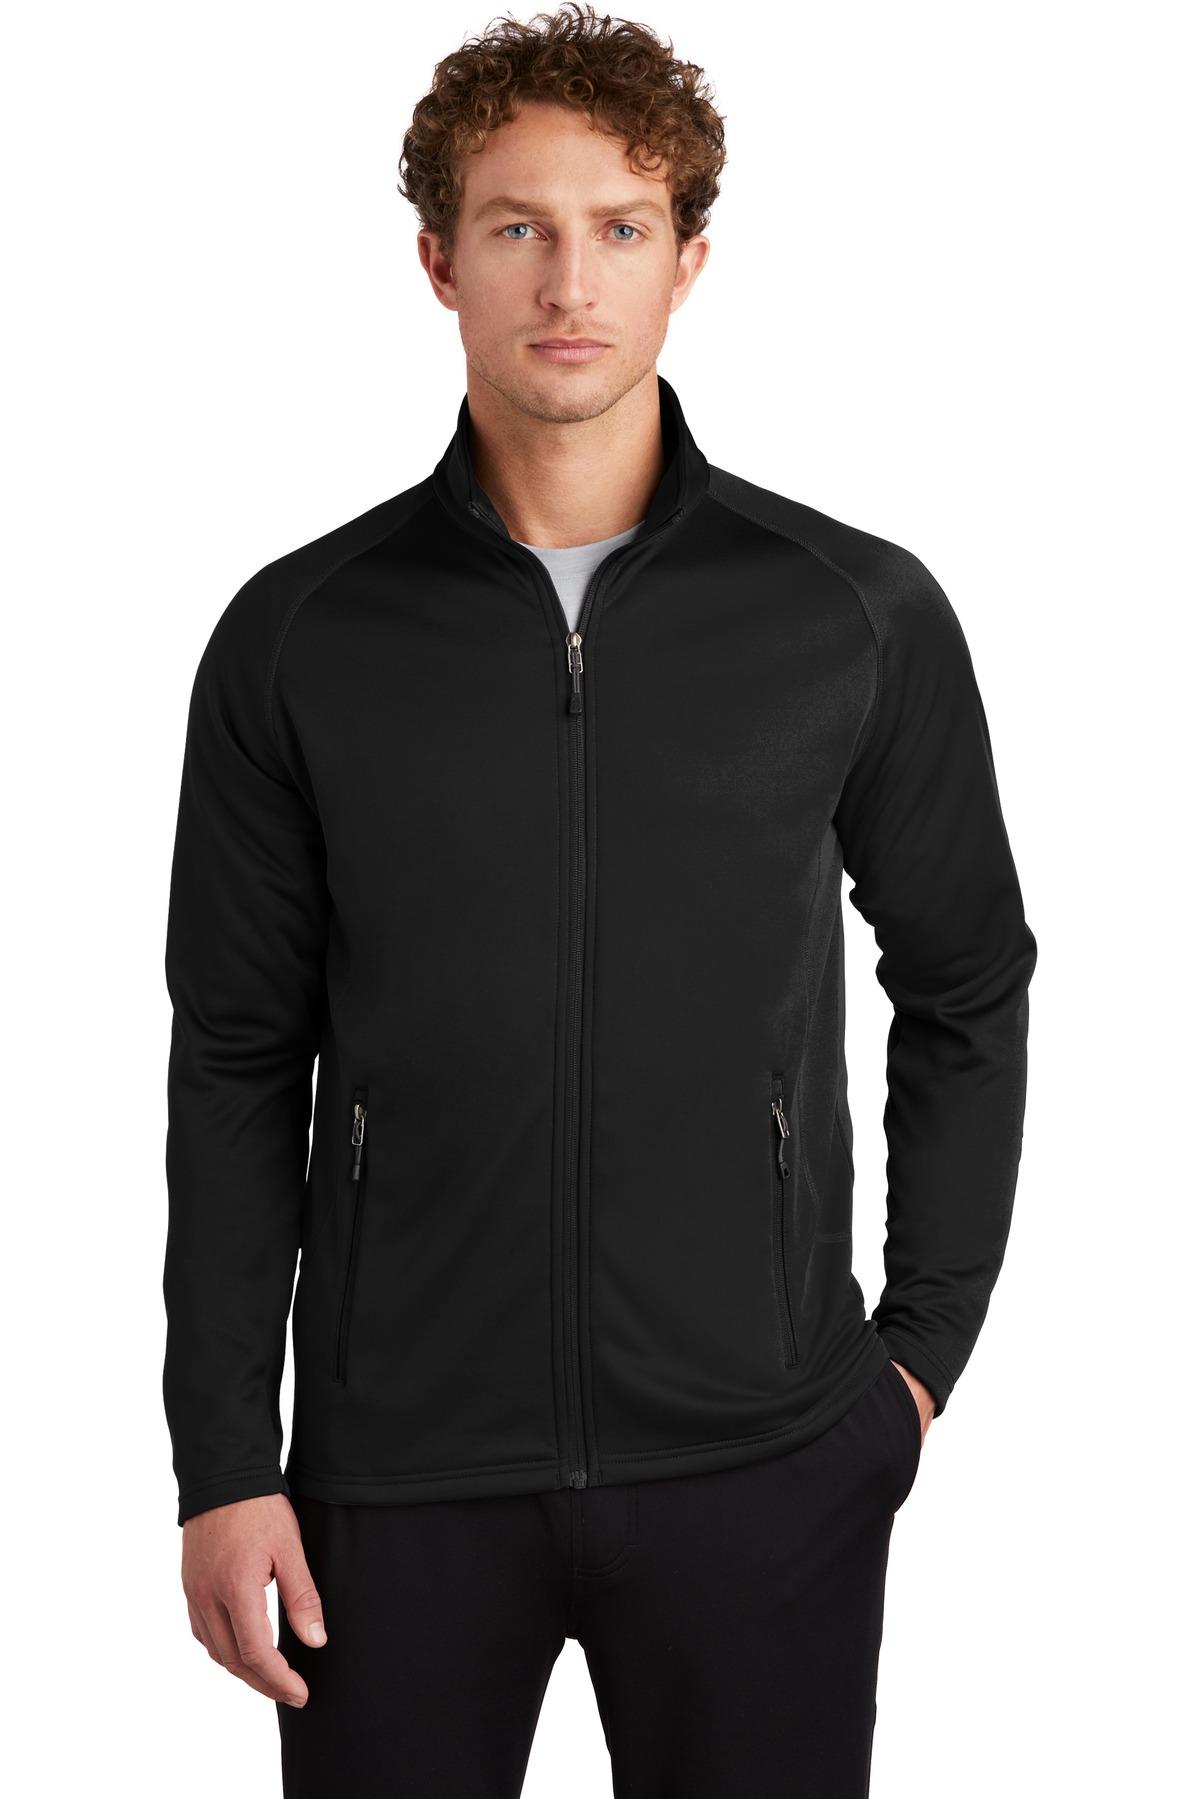 Eddie Bauer ® Smooth Fleece Base Layer Full-Zip.-Eddie Bauer